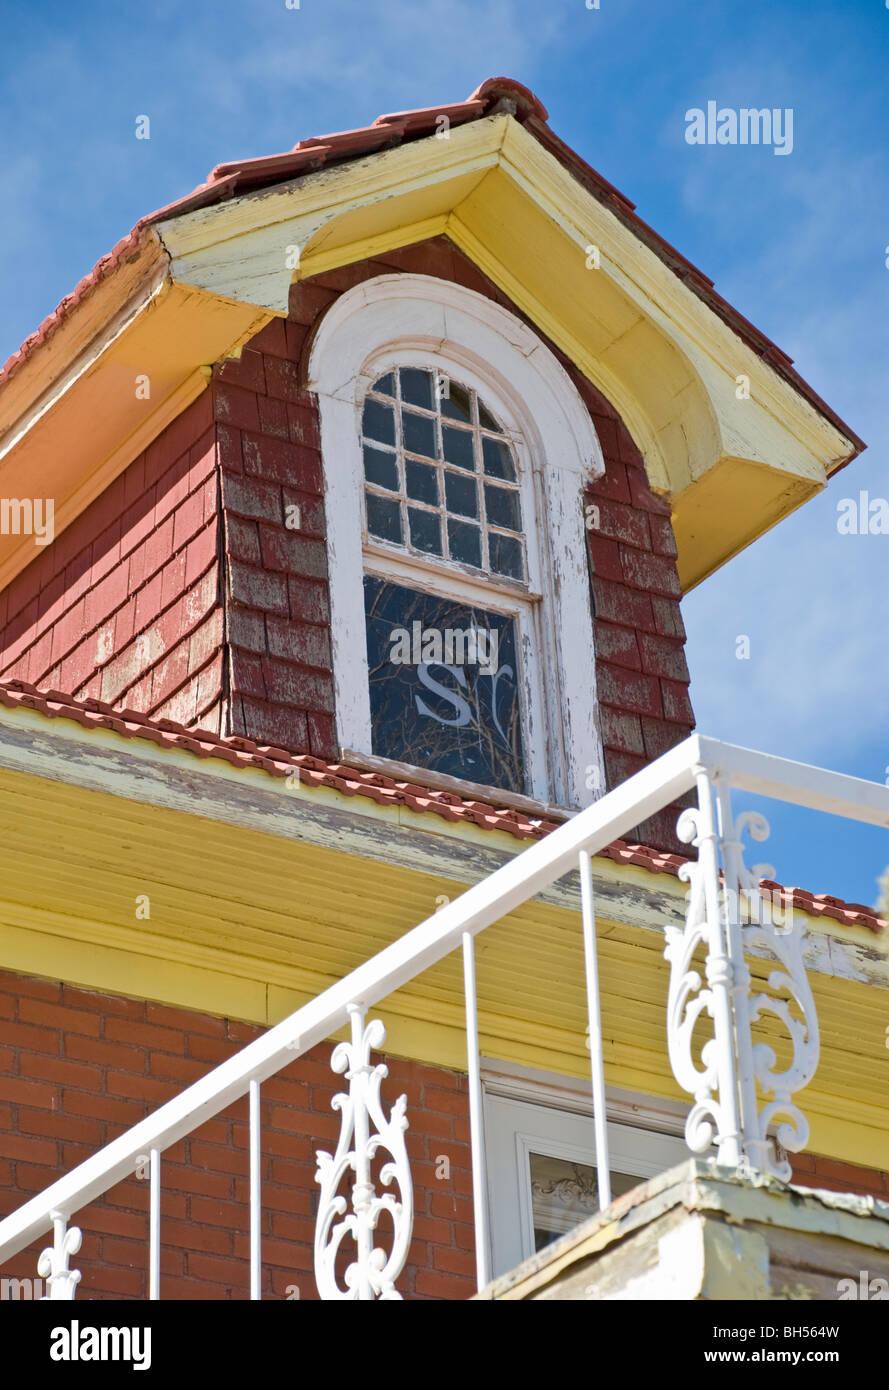 Un Vieux Manoir à Vendre à Carrizozo Est Un Sommet De La Fenêtre